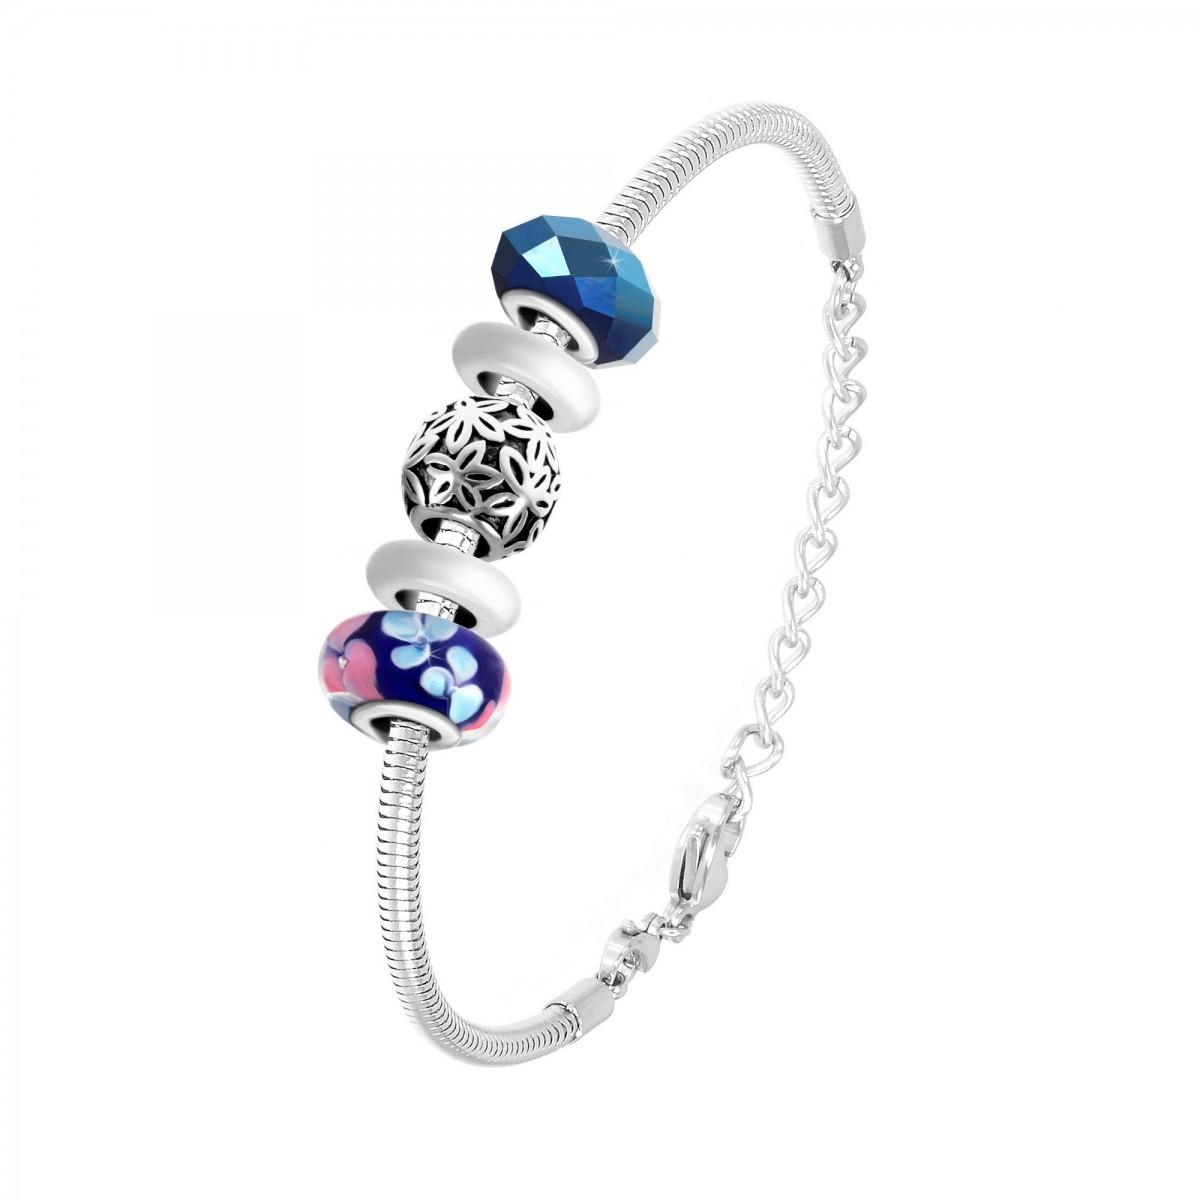 Bracelet de charms perles bleus et acier So Charm